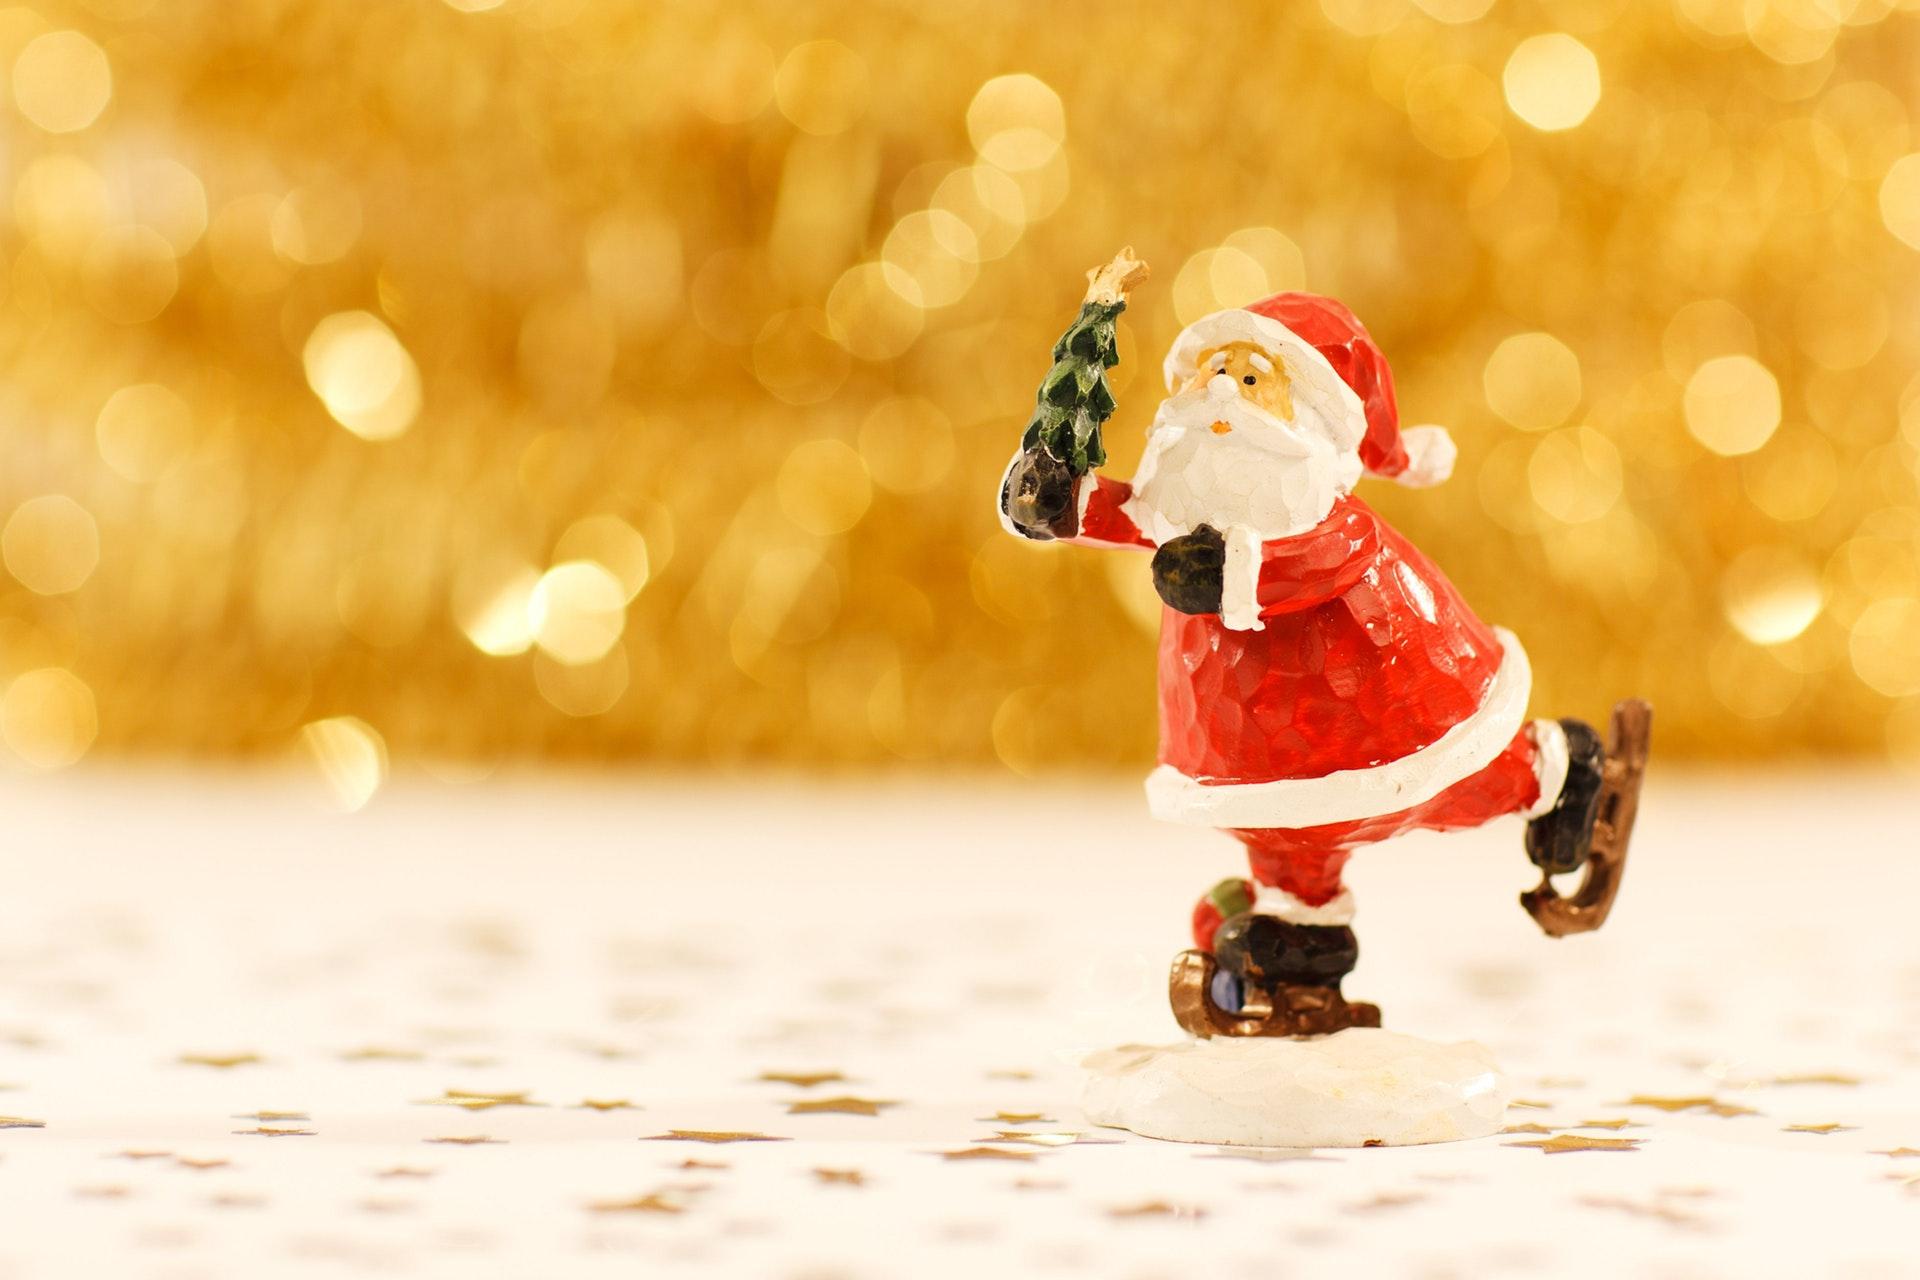 Ein besinnliches Weihnachtsfest und einen guten Rutsch ins Jahr 2018!